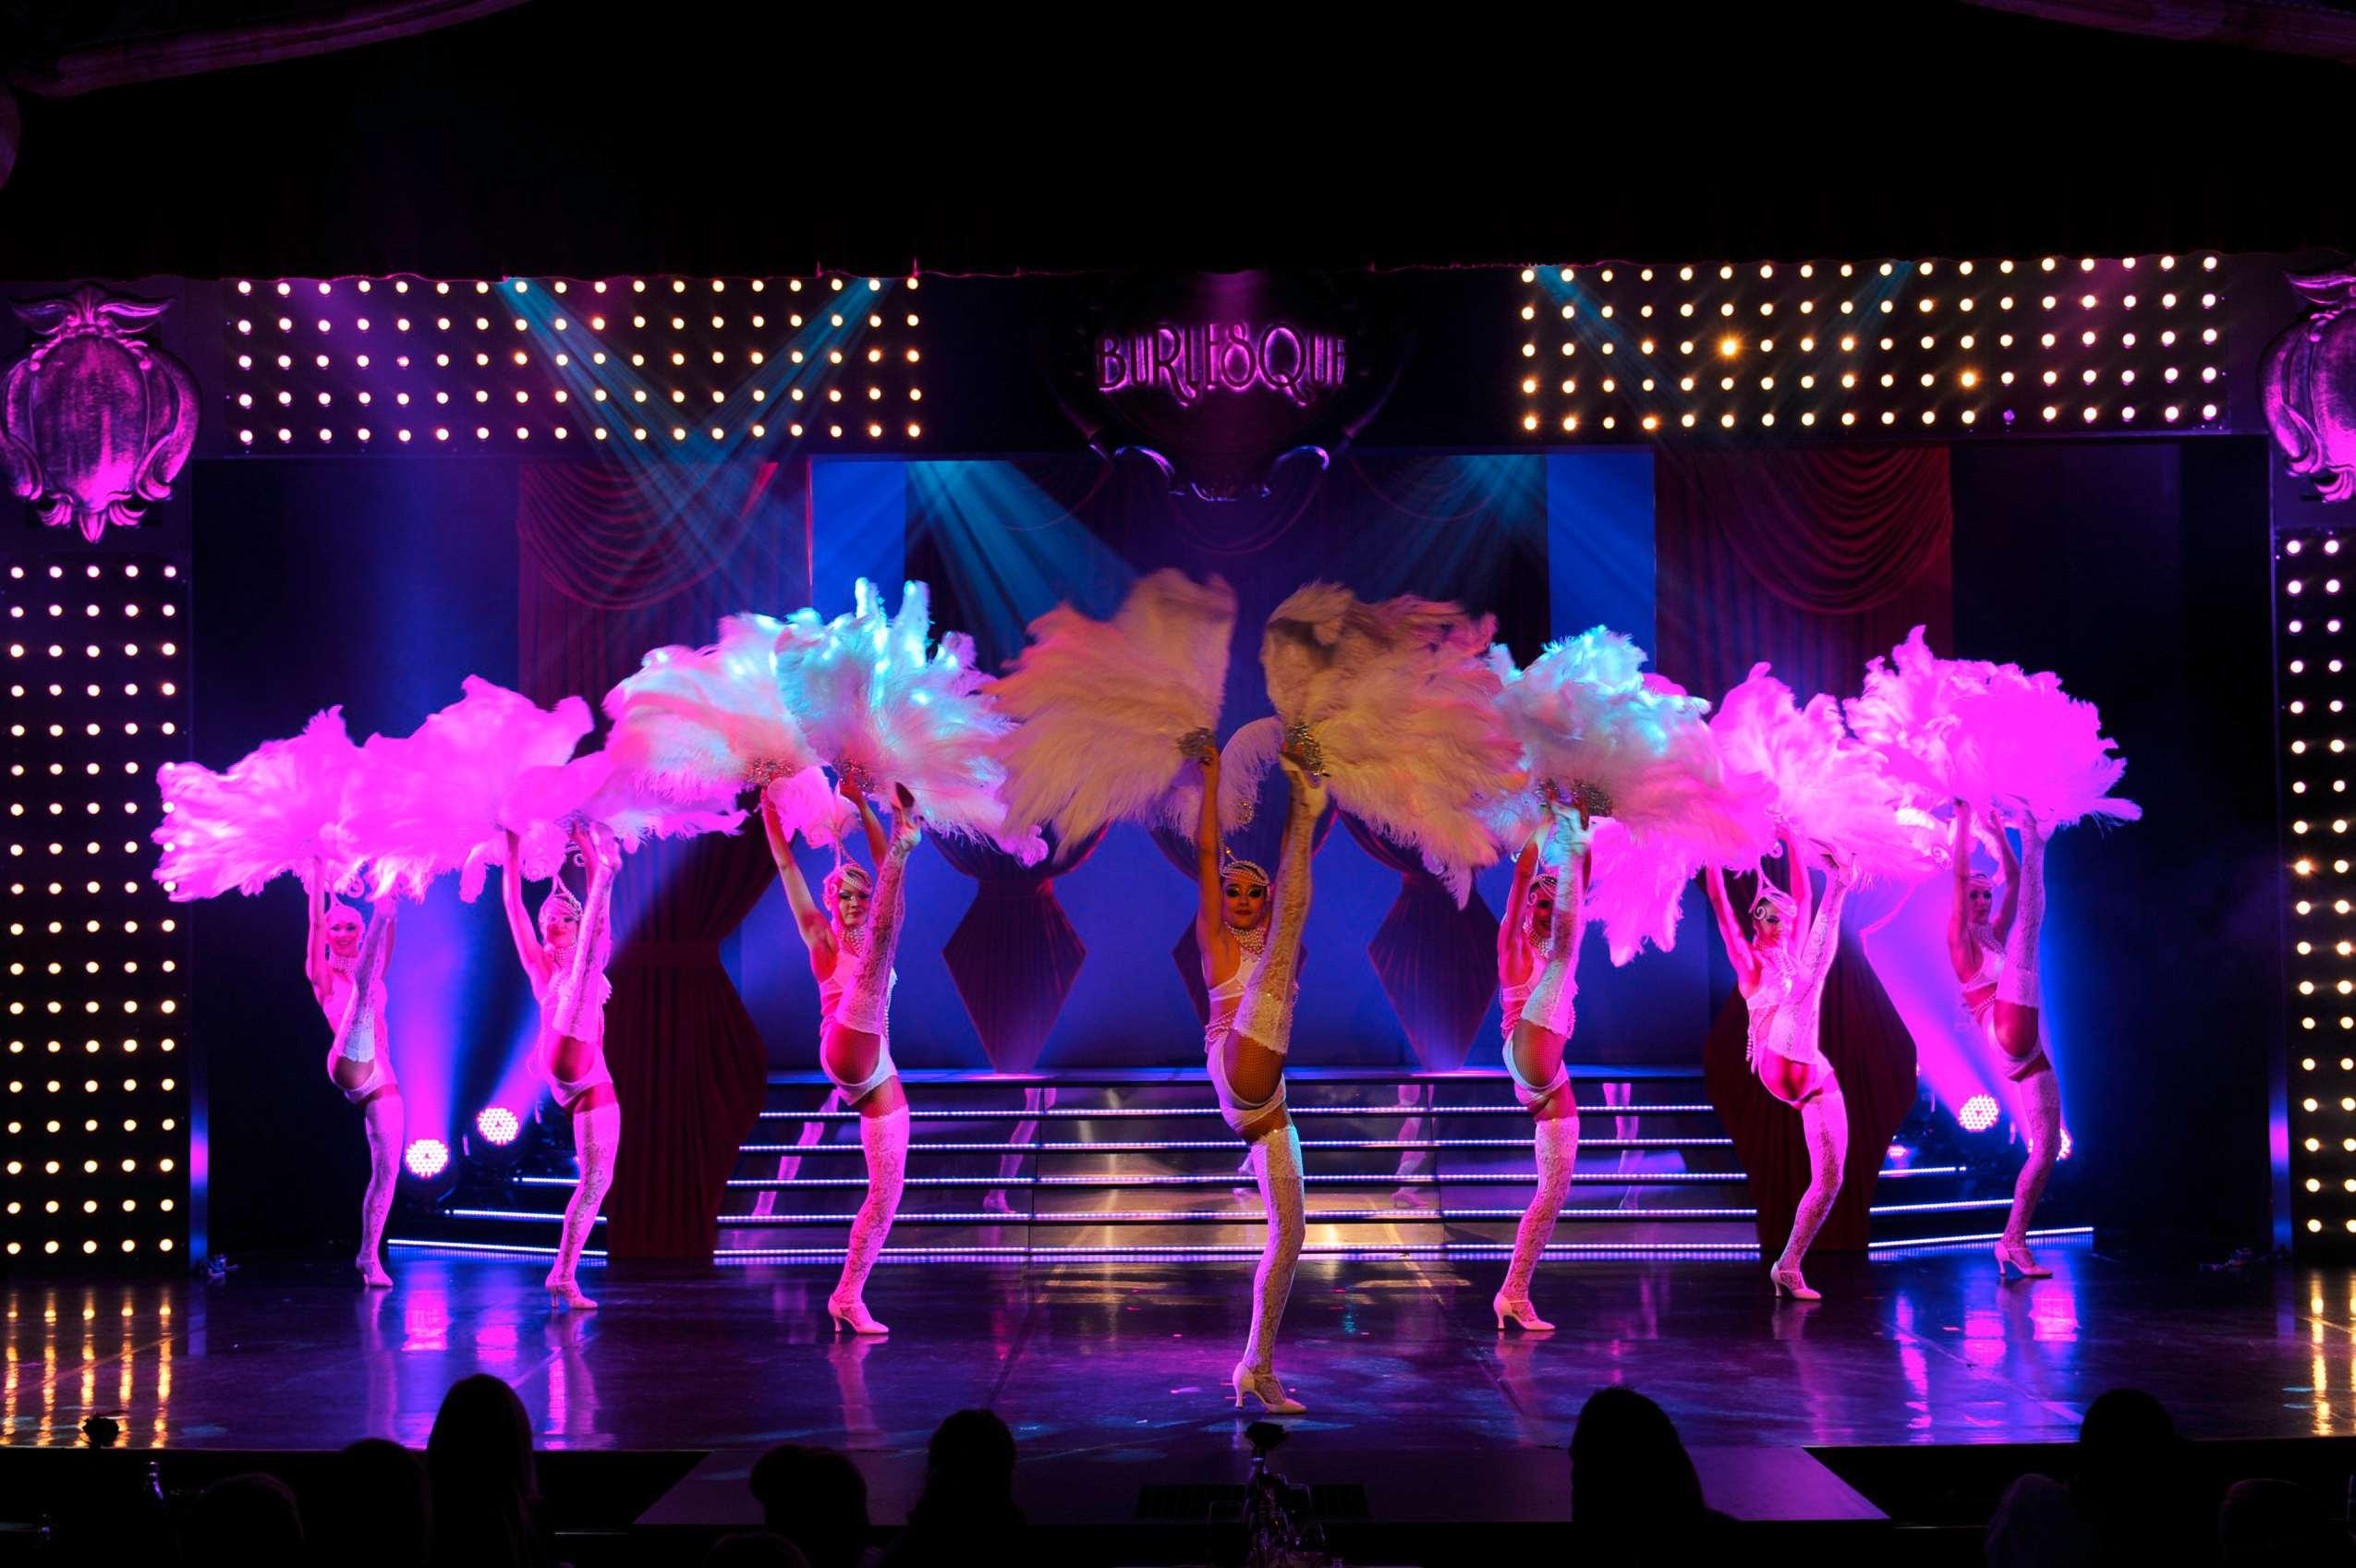 Burlesque Tänzerinnen in weißen Kostümen und mit Federfächern auf einer Bühne.